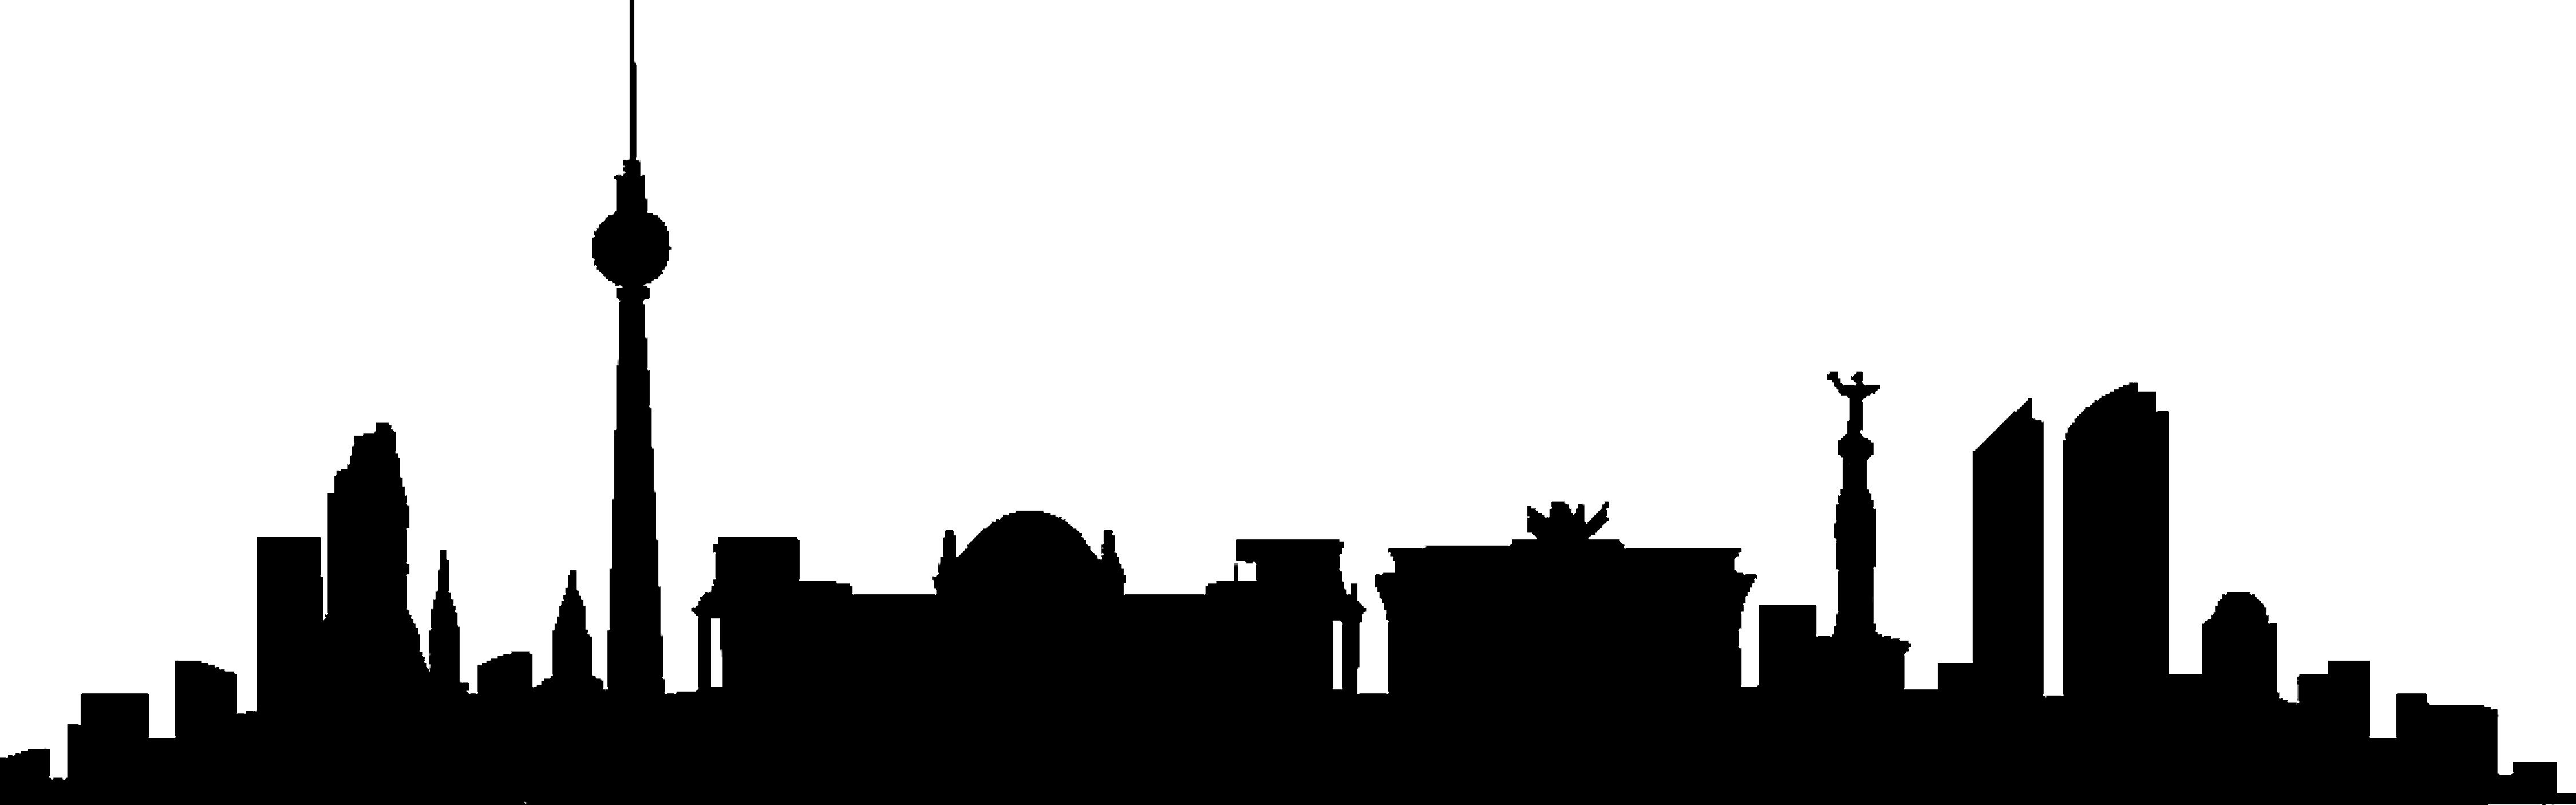 Skyline_Berlin